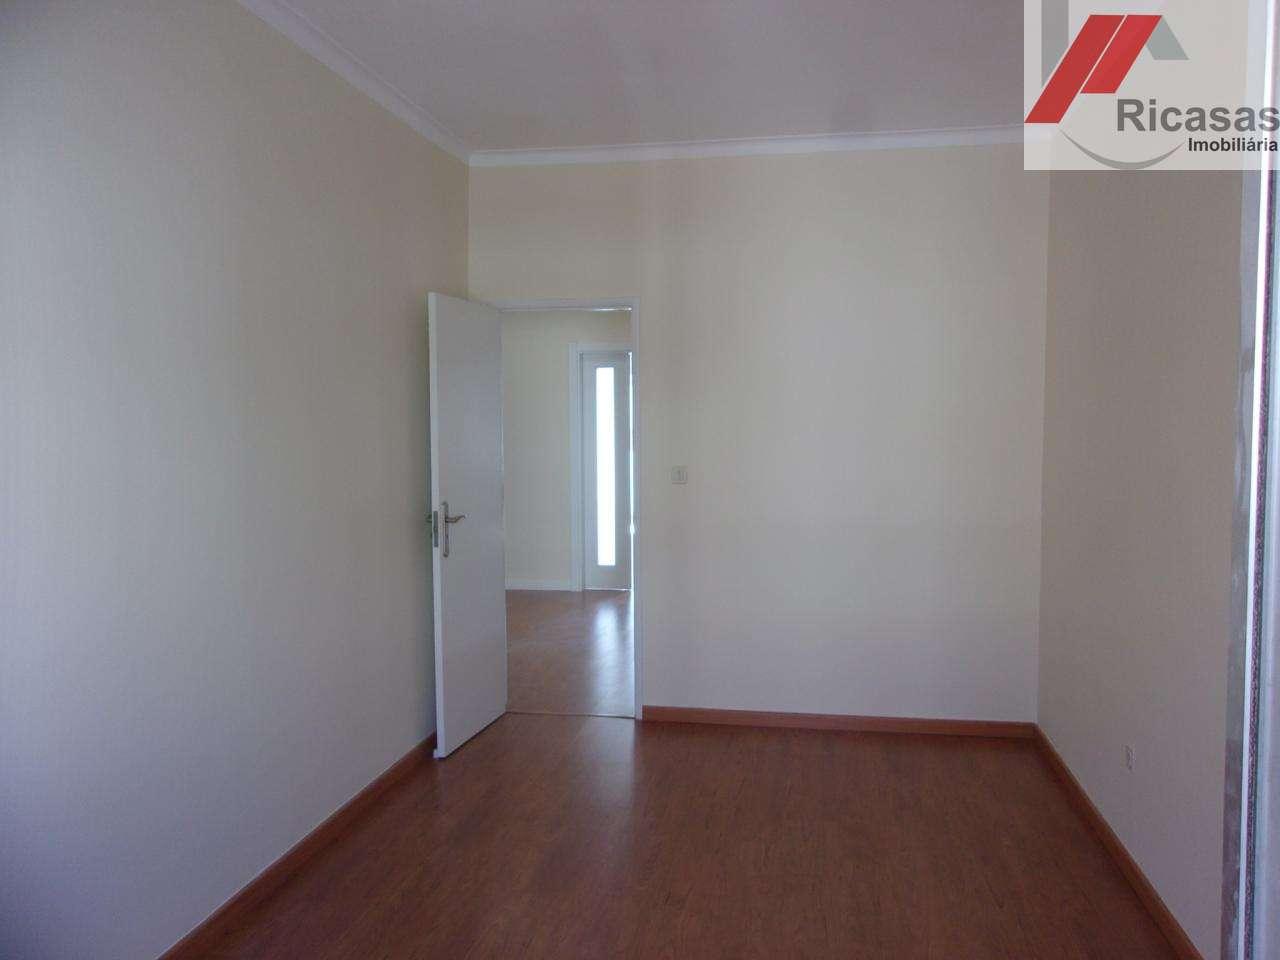 Apartamento para comprar, Seixal, Arrentela e Aldeia de Paio Pires, Setúbal - Foto 23